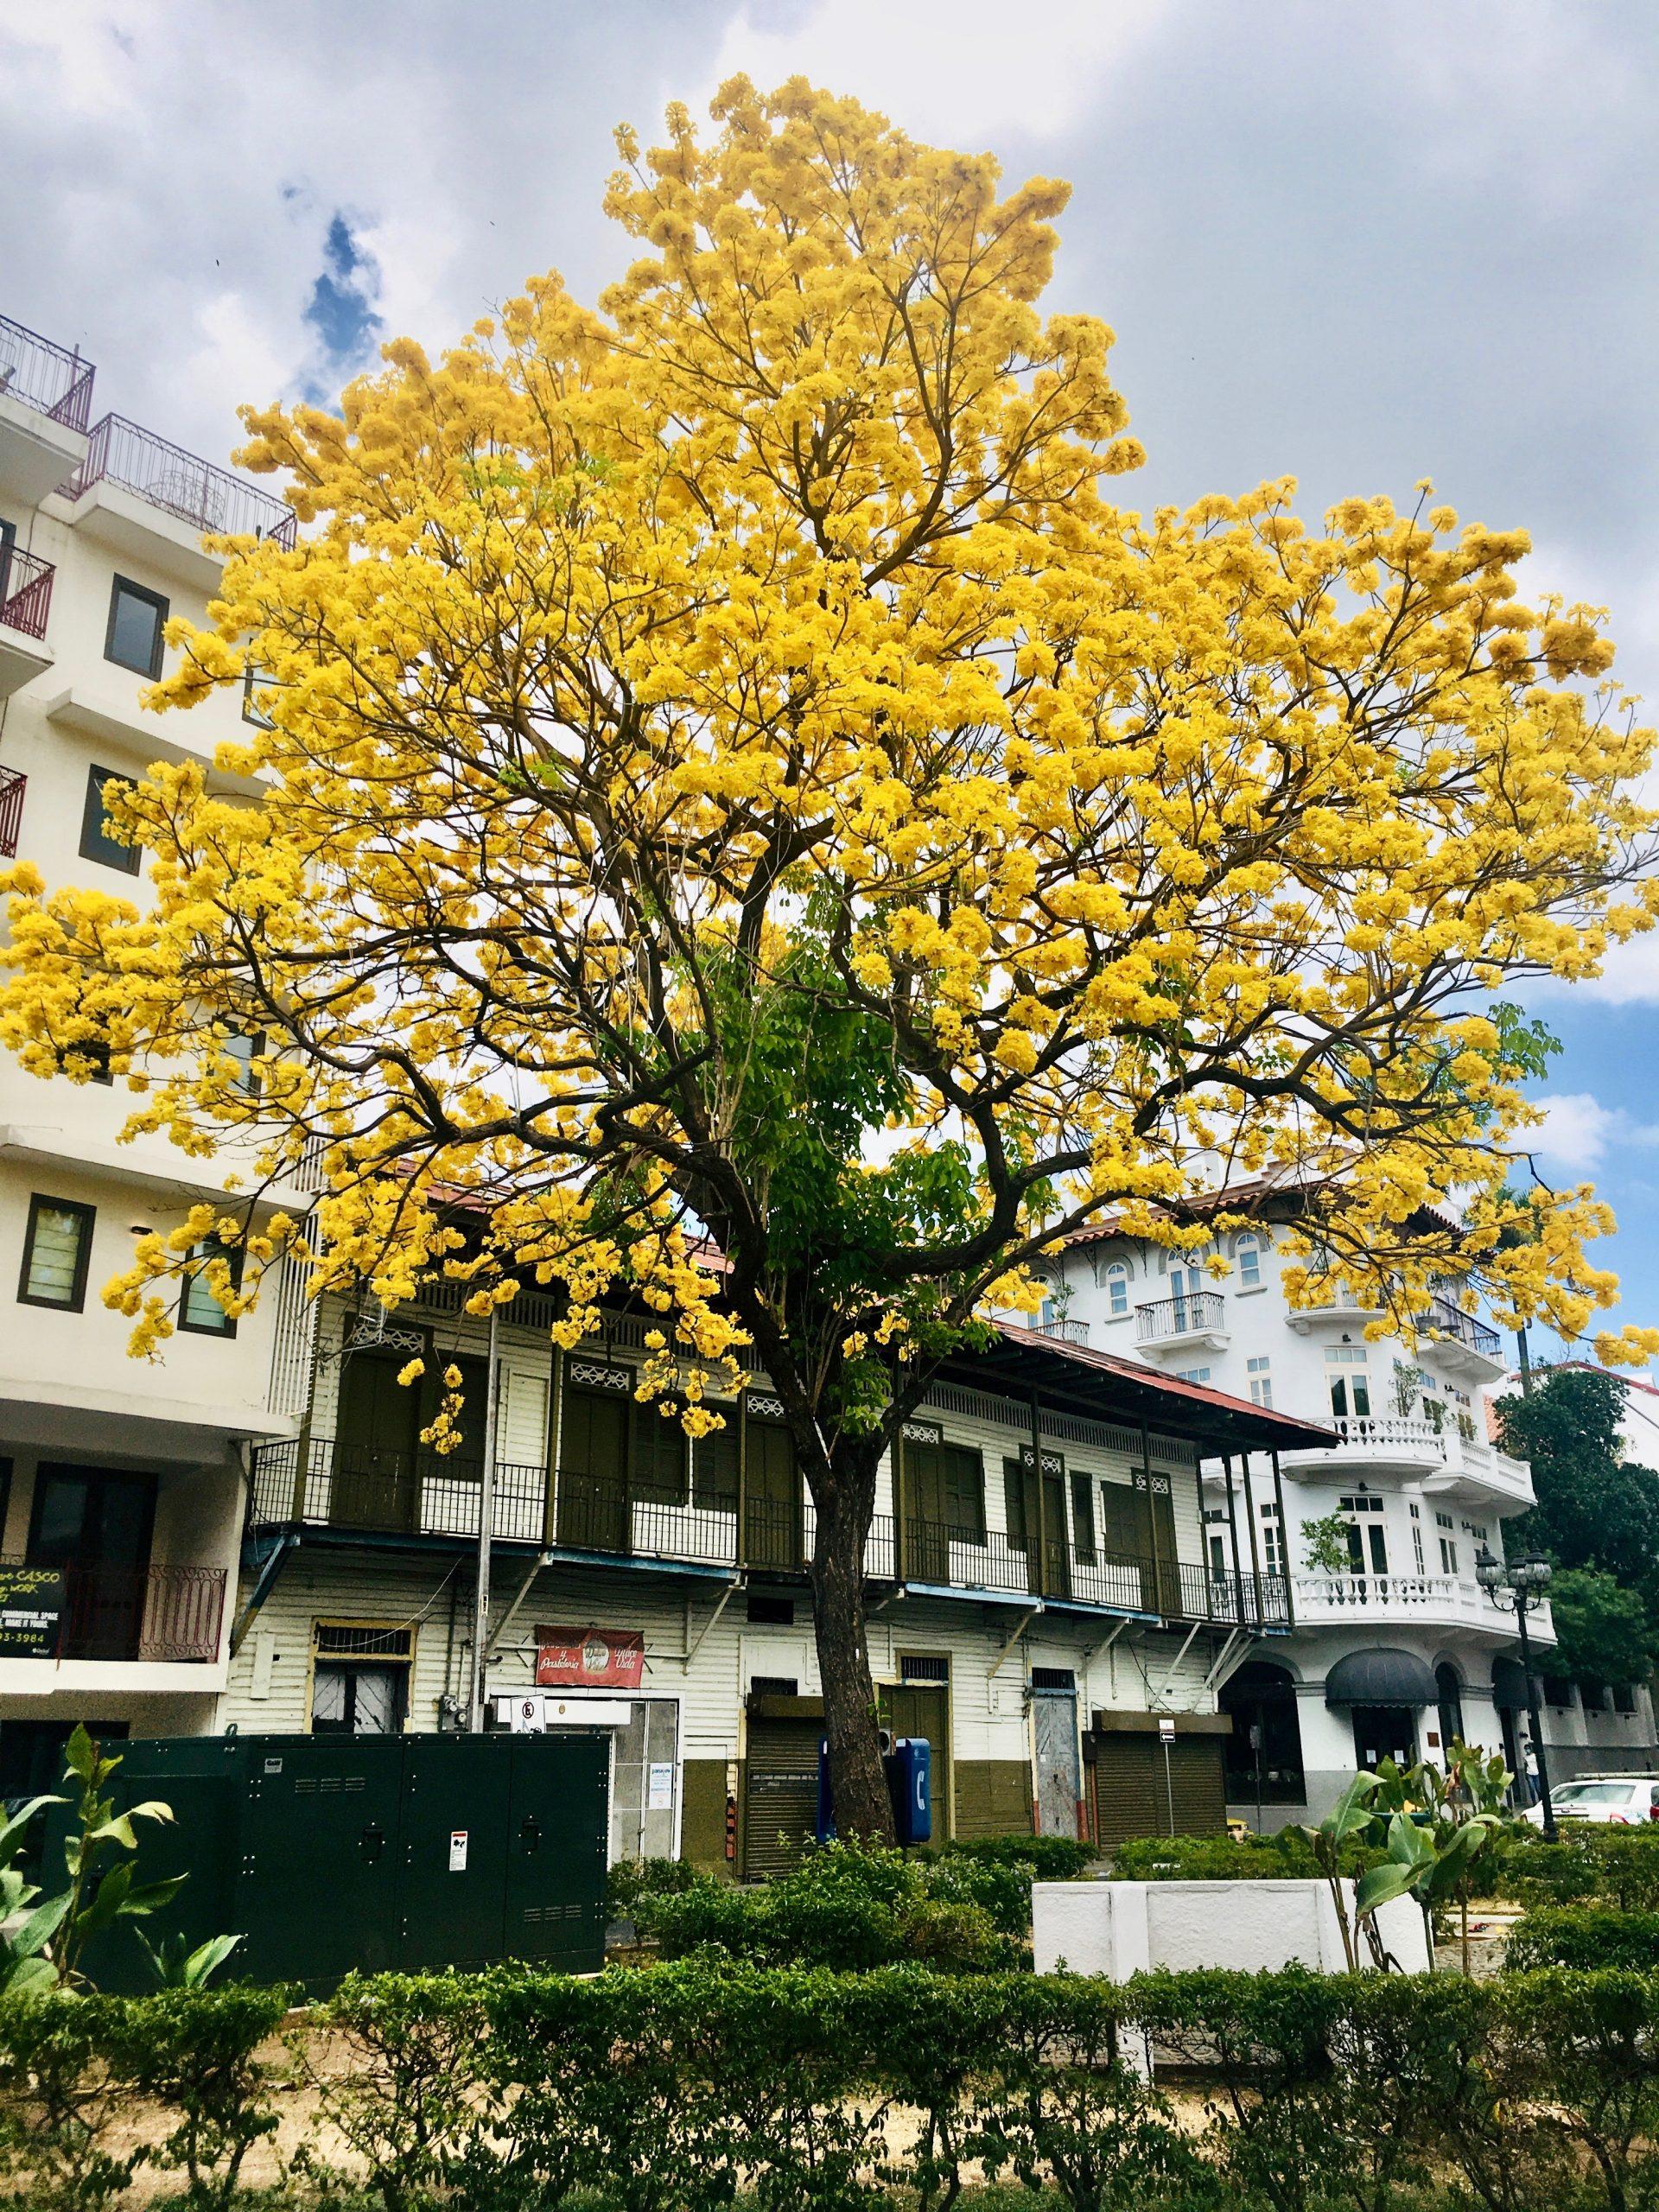 Guayacán florecido en Casco Viejo frente al Hotel Las Clementinas